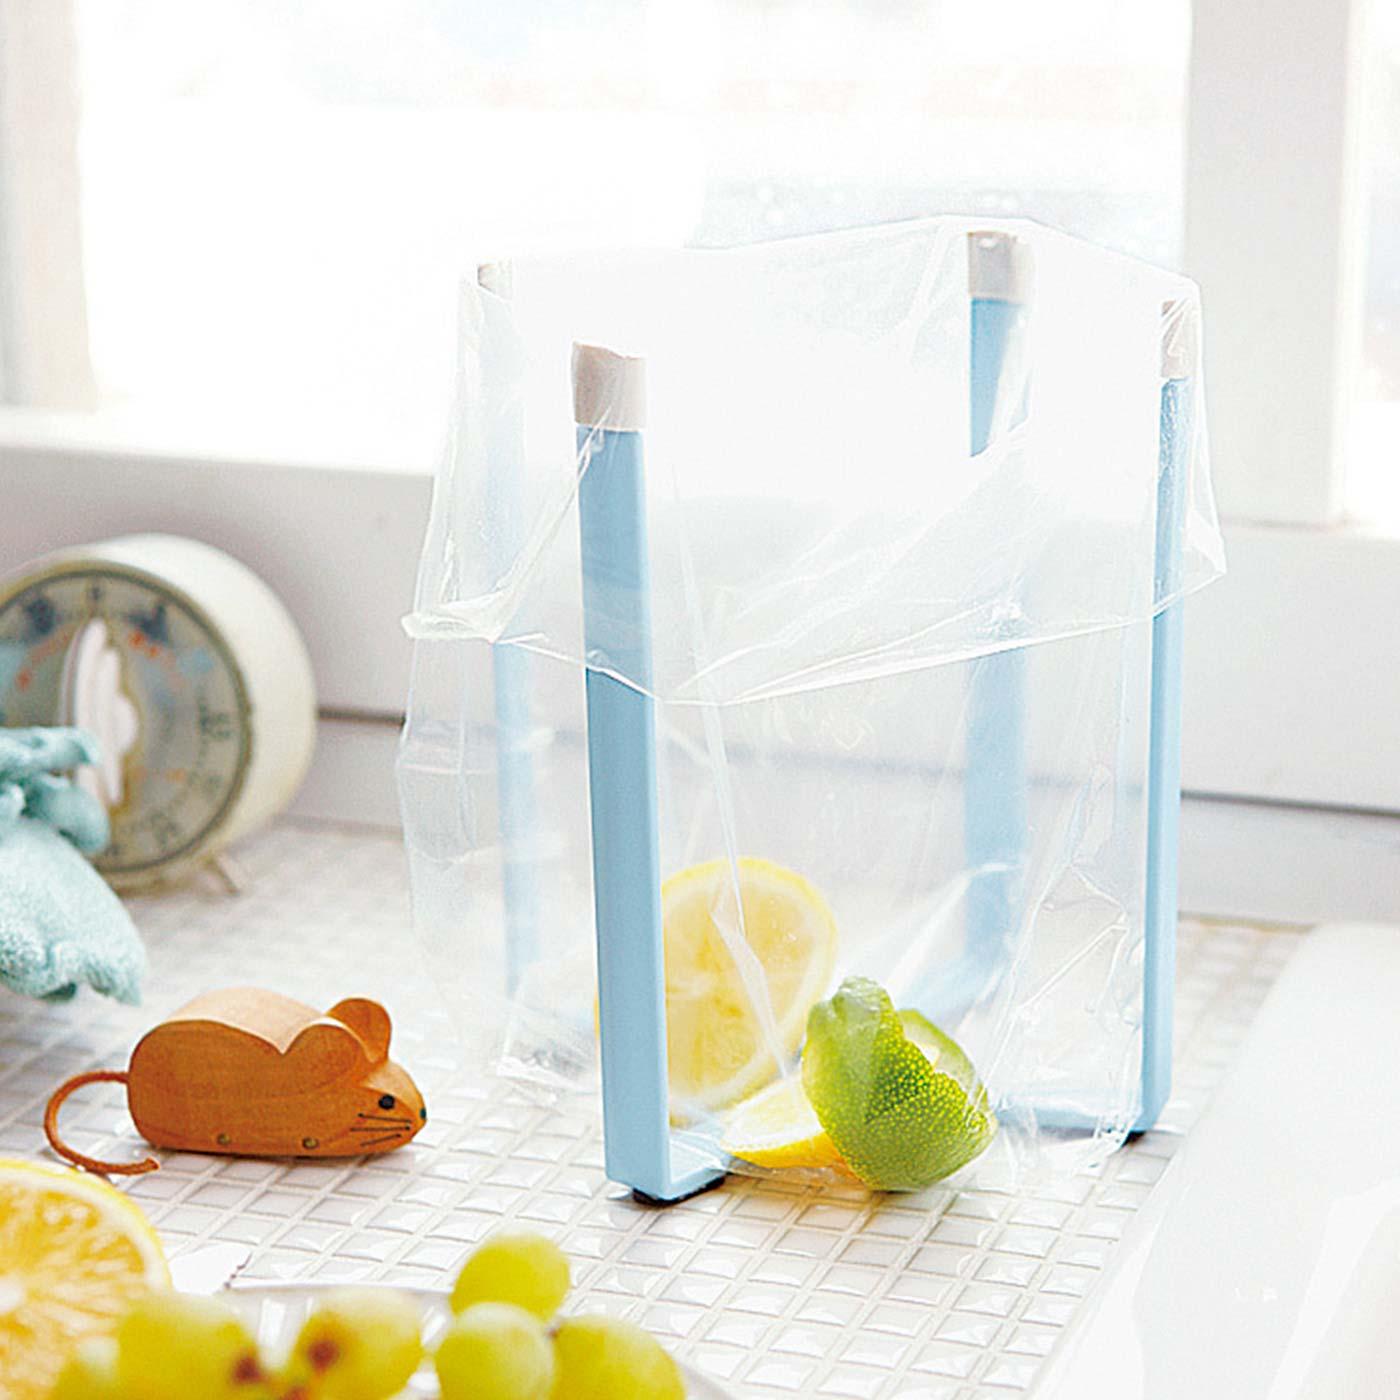 ポリ袋をセットすれば簡易ゴミ箱に。